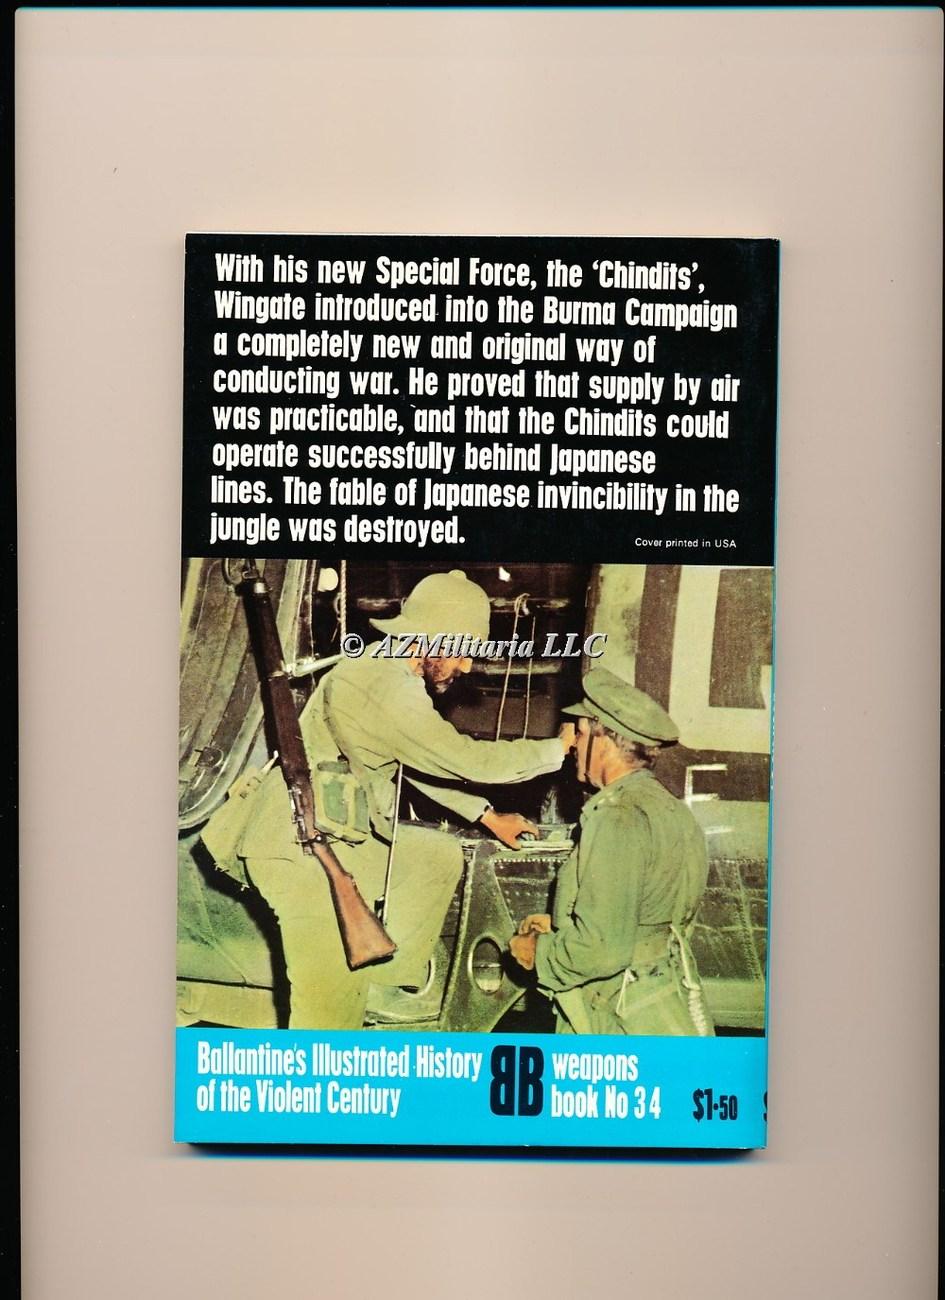 Chindits Long Range Penetration (Weapons Book, No 34)